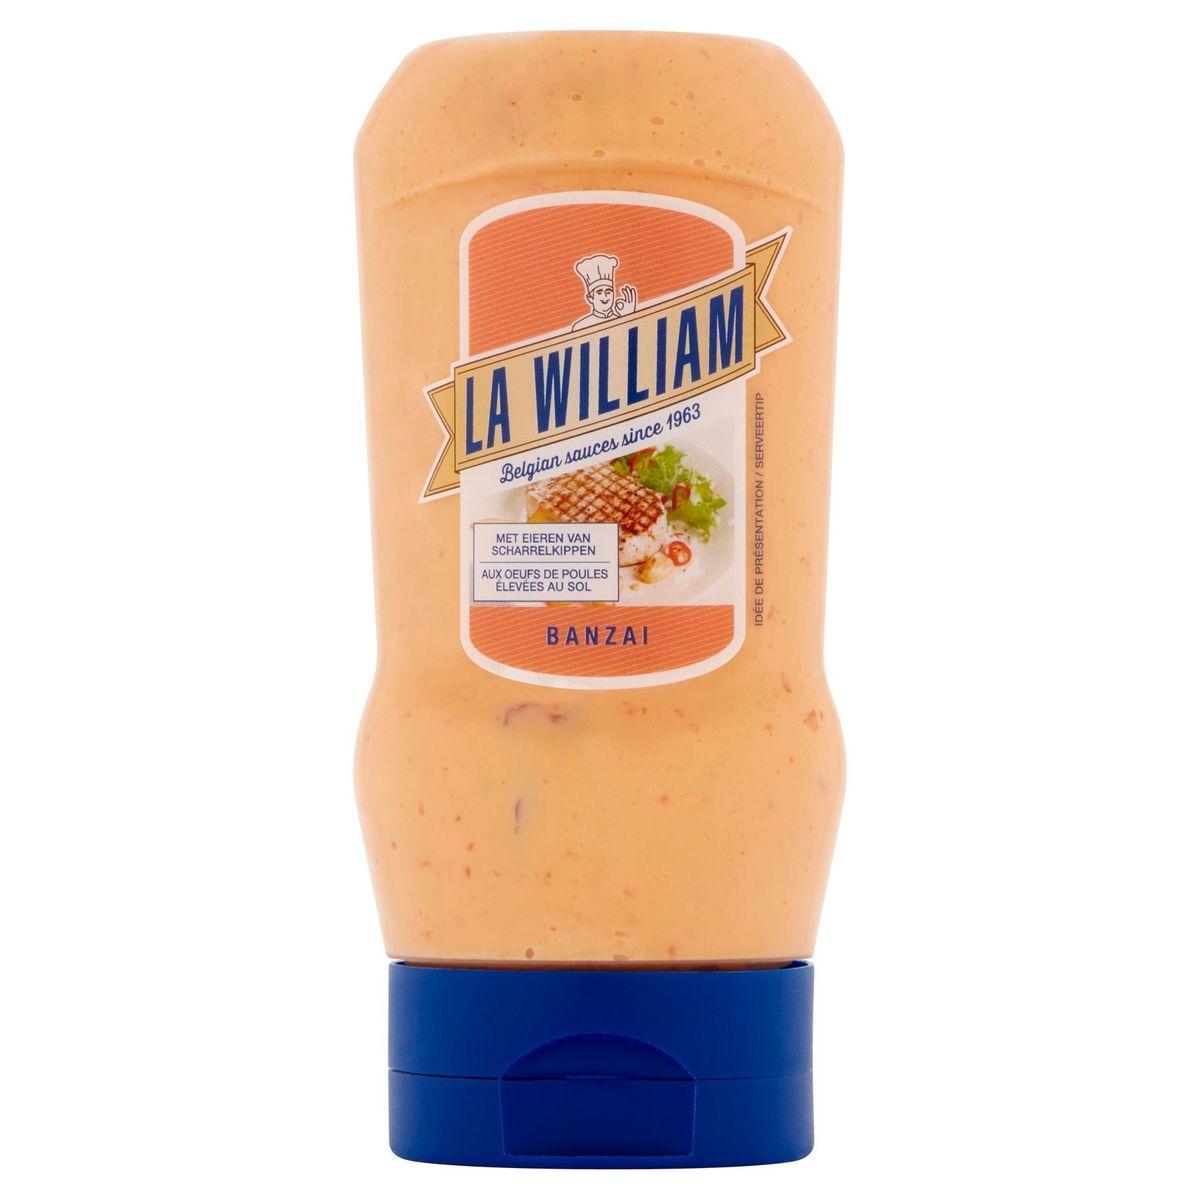 La William Banzai 280 ml